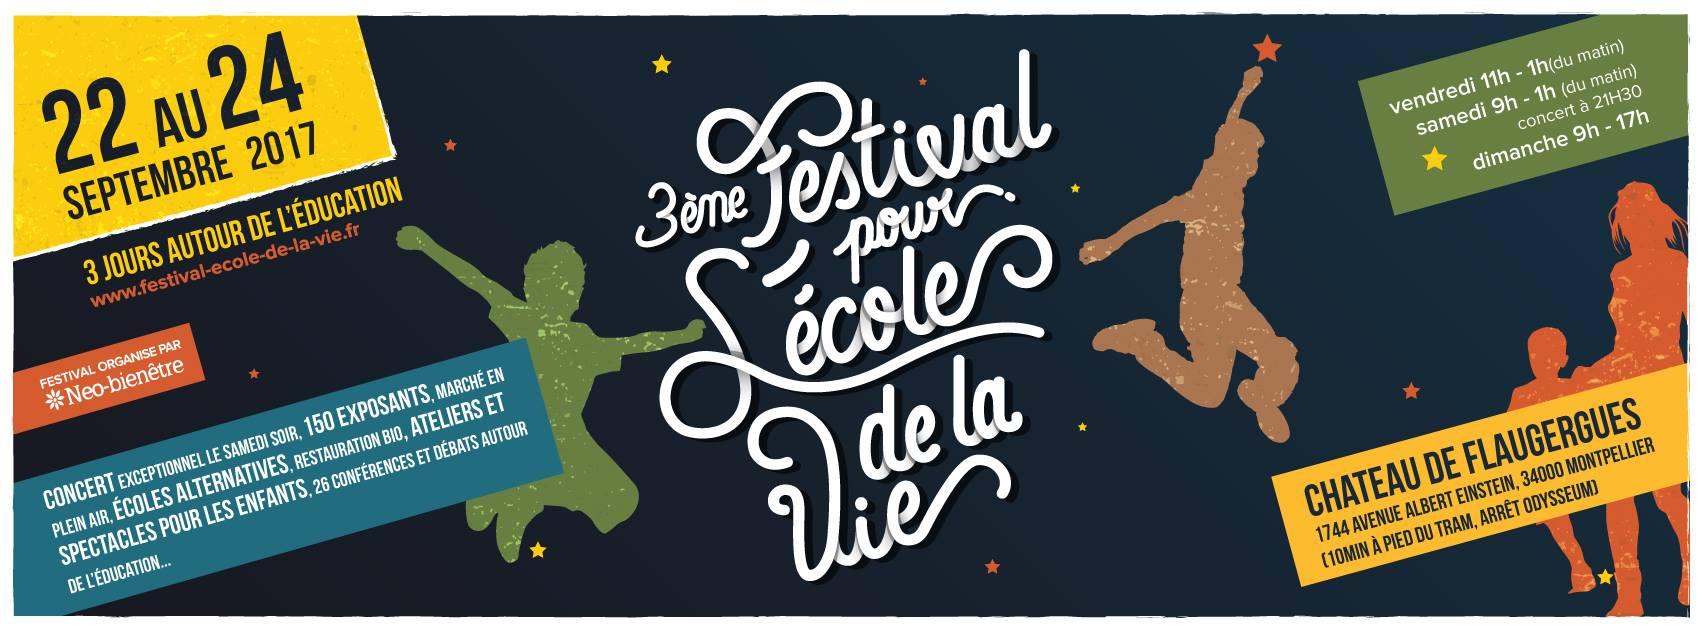 3eme_festival_pour_ecole_de_la_vie